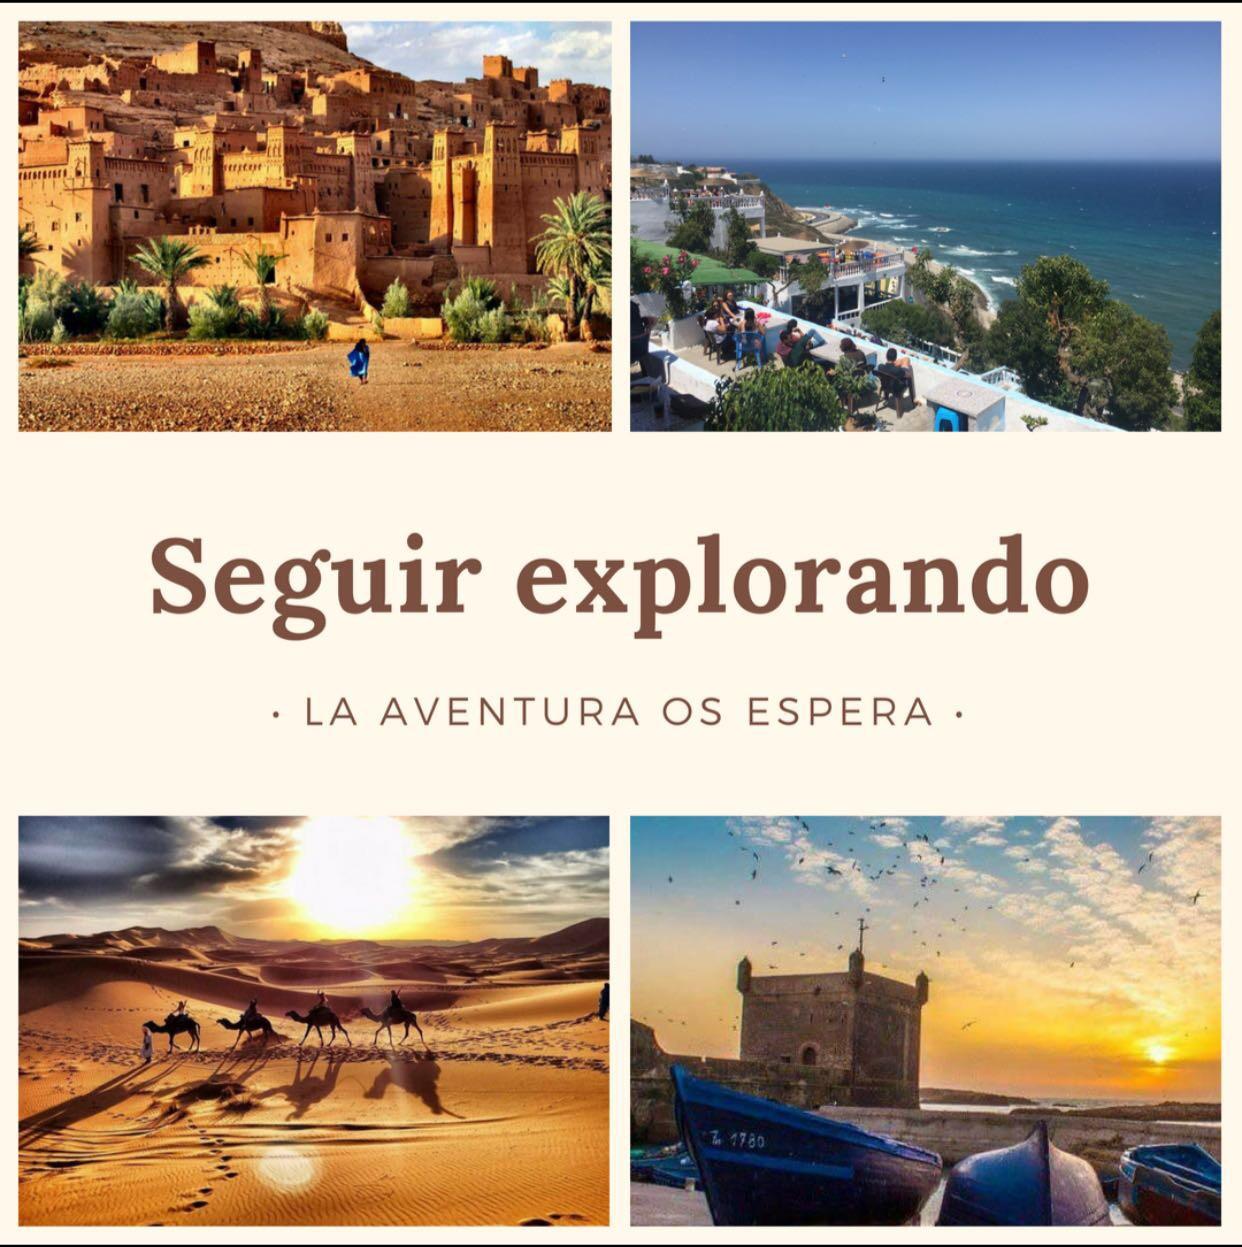 📍Marruecos 🇲🇦tiene un monton de ciudades, lugares y rincones que explorar. Somos expertos en mostraros los rincones mas especiales de nuestro país y crear aventuras inolvidables. Os esperamos! #bestplacestogo #morocco #marruecos